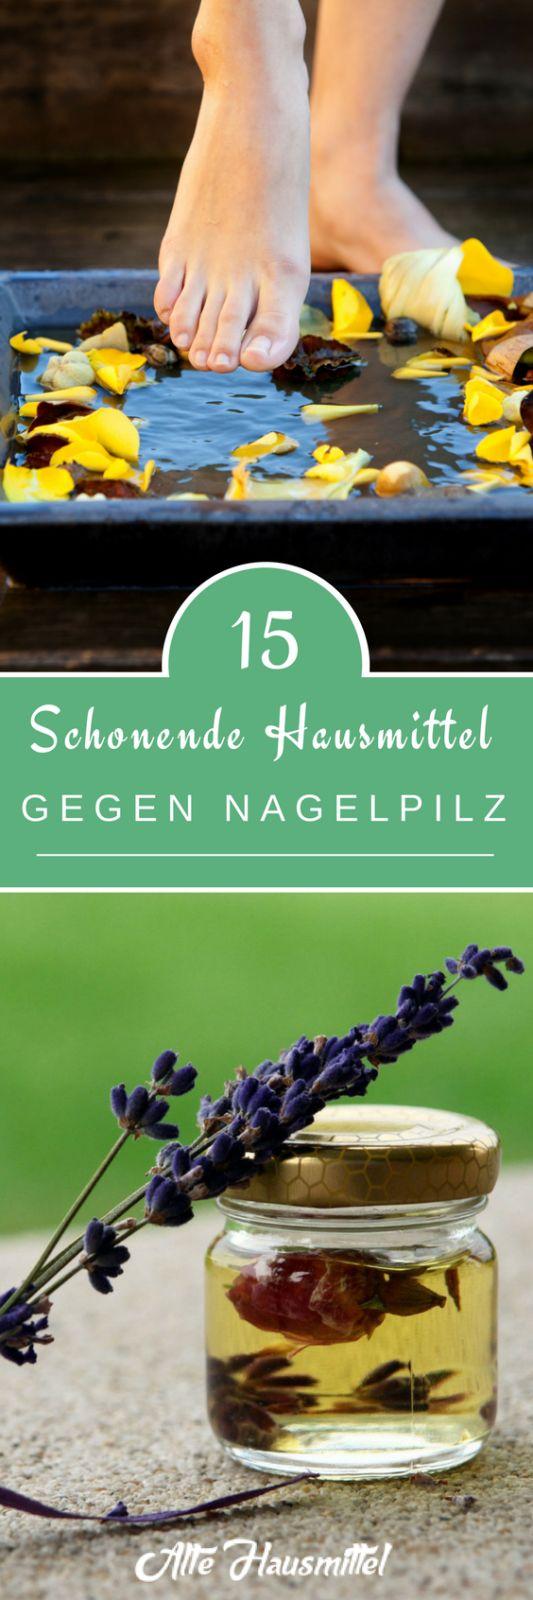 15 schonende Hausmittel gegen Nagelpilz - Alte Hausmittel